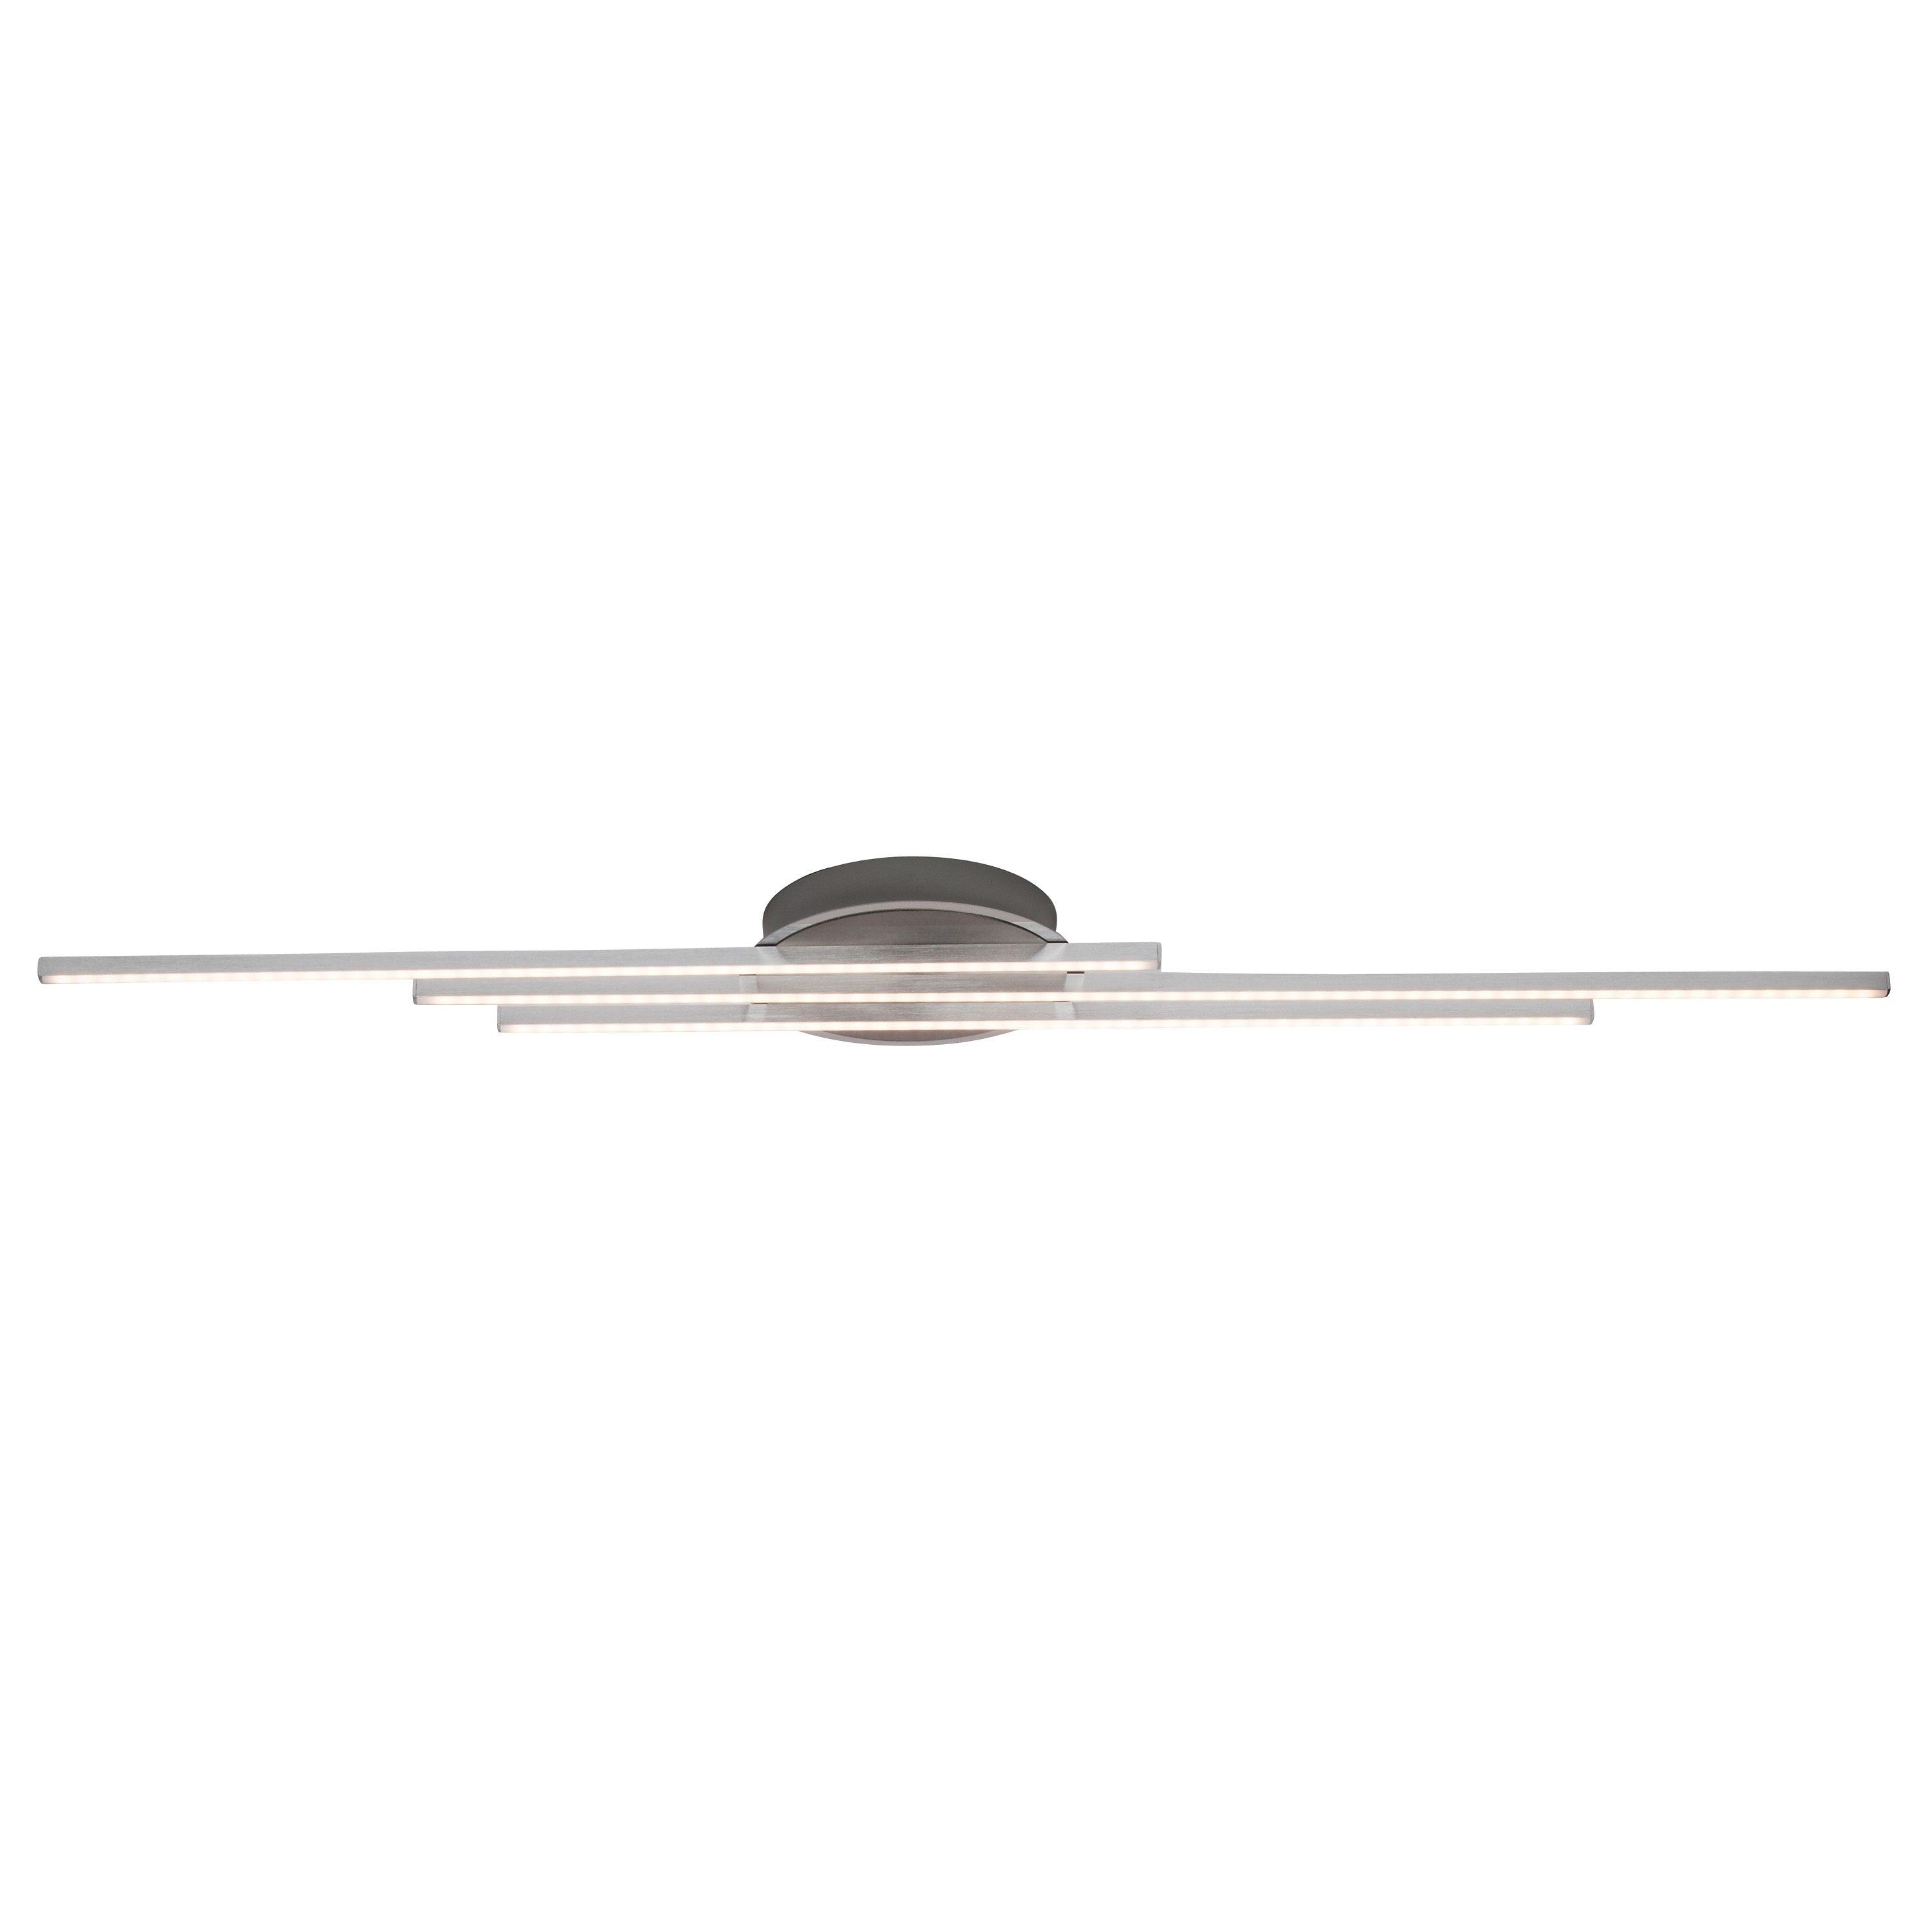 Brilliant Leuchten LED-Wand- und Deckenleuchte, inkl. LED-Leuchtmittel, 3 flammig